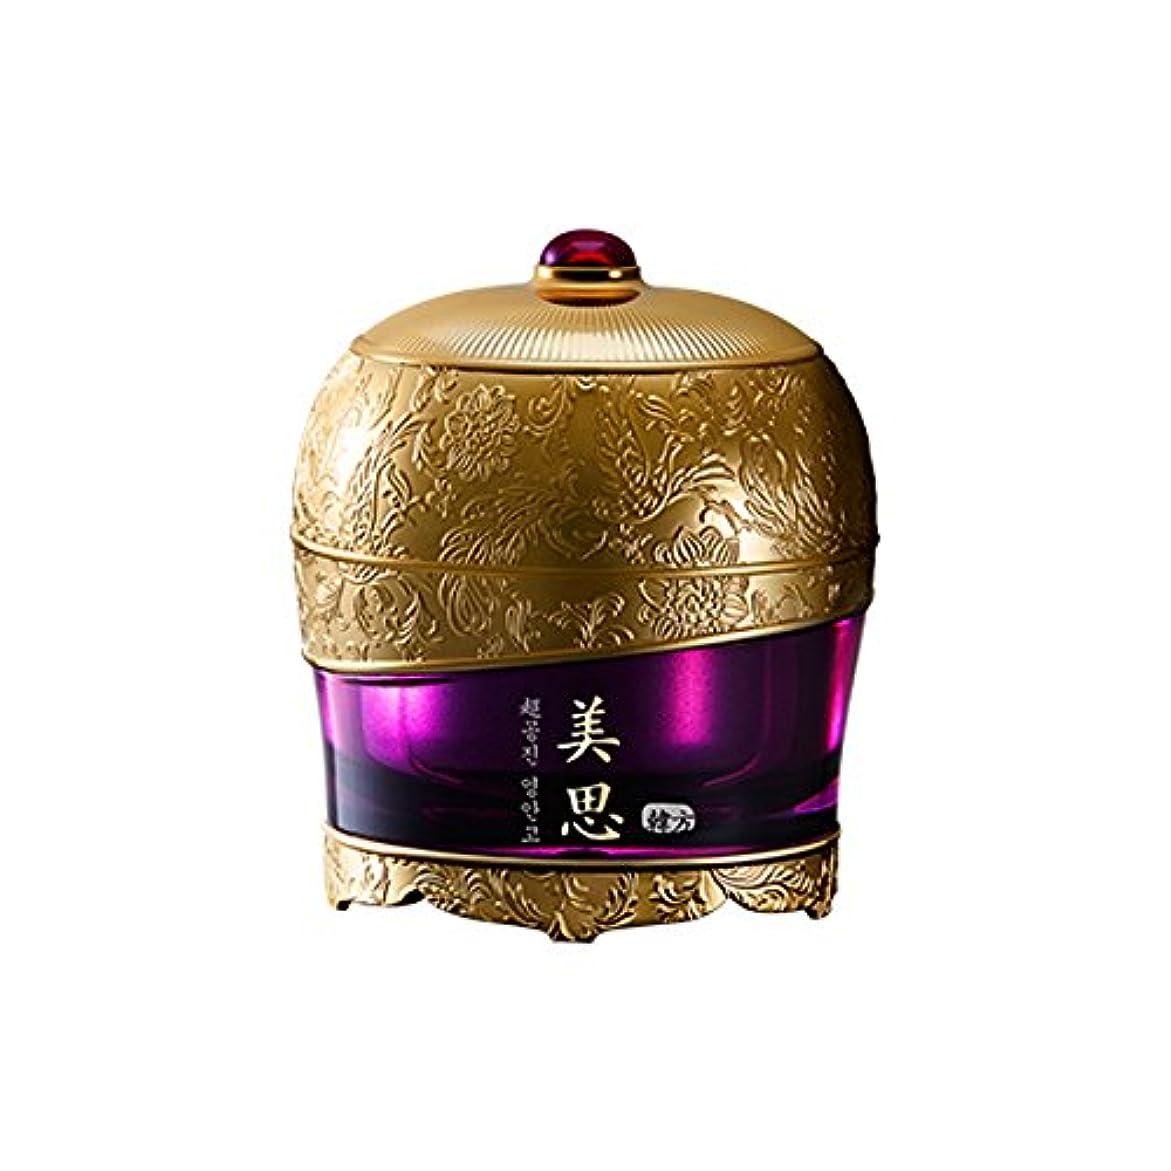 意味のある石パンMISSHA(ミシャ)★美思 韓方 旧チョボヤン (超)チョゴンジン 栄養クリーム 基礎化粧品 スキンケア